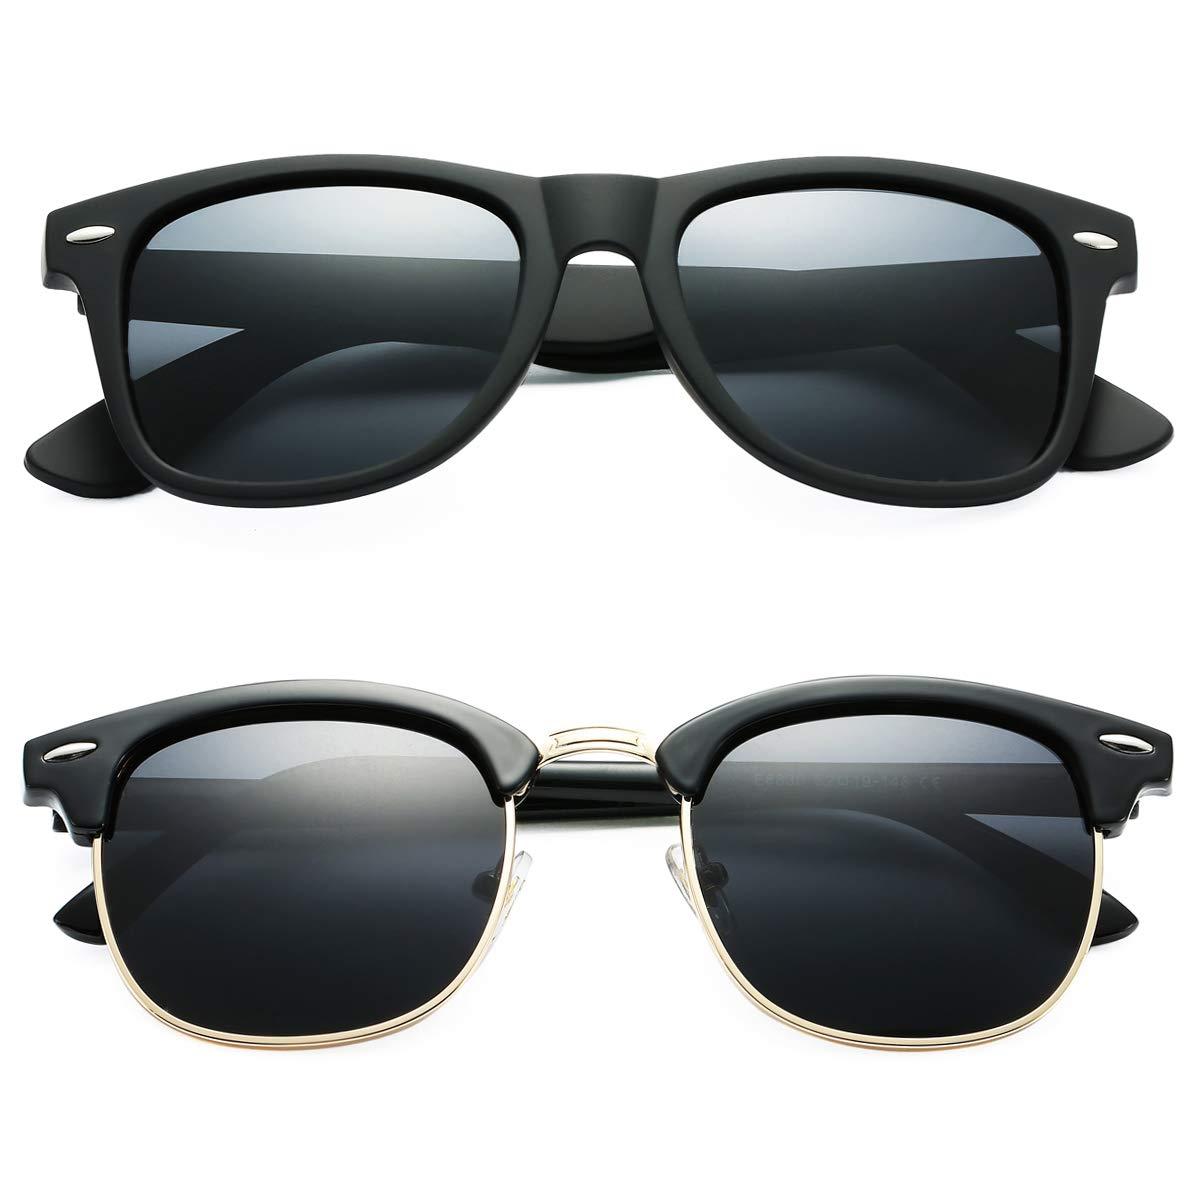 Pro Acme Semi Rimless Polarized Sunglasses for Men Women Classic Brand Designer (Semi Rimless + Square) by Pro Acme